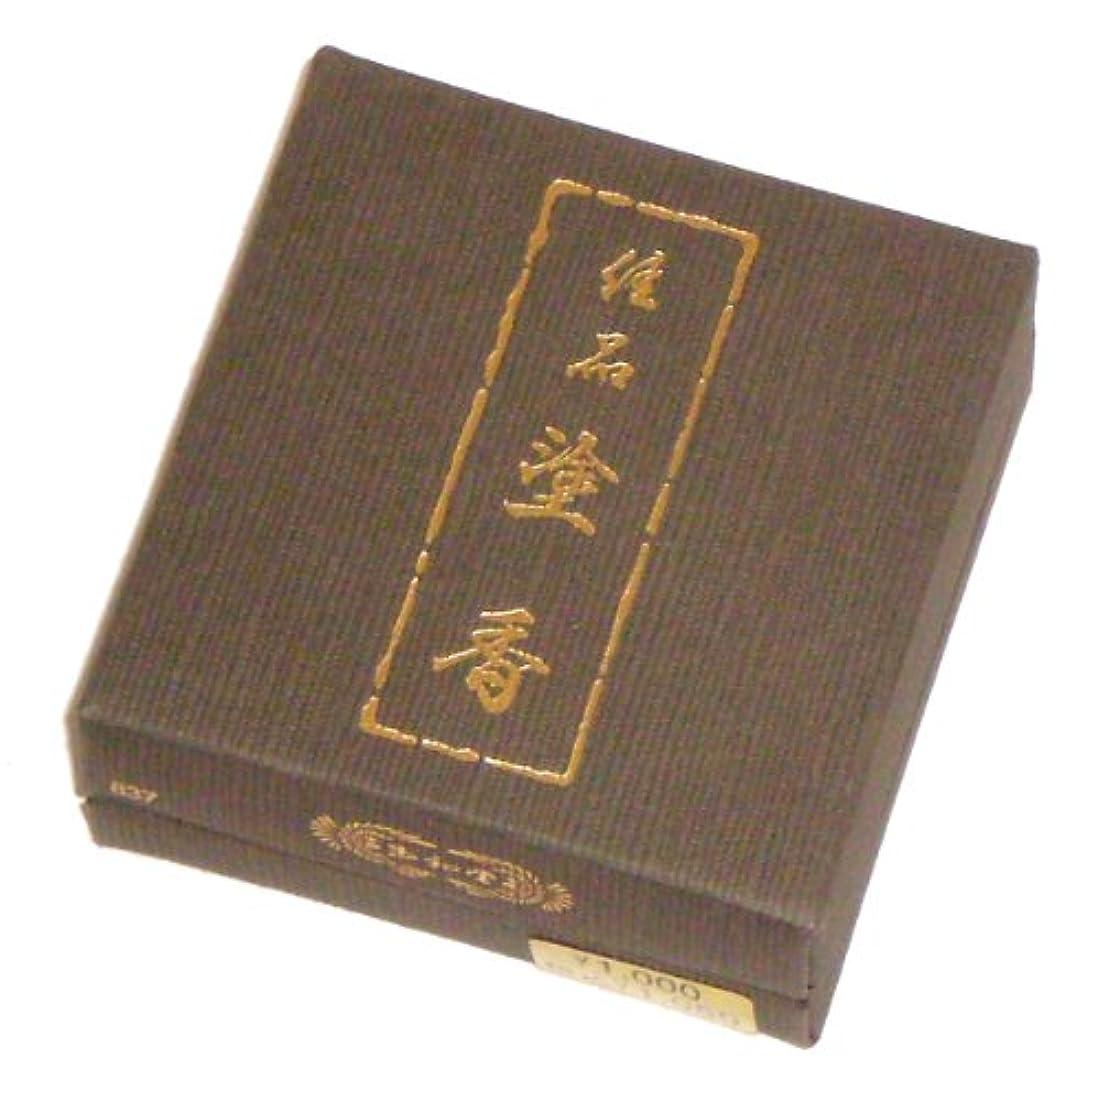 生理ピボット現代玉初堂のお香 佳品塗香 15g 紙箱 #837